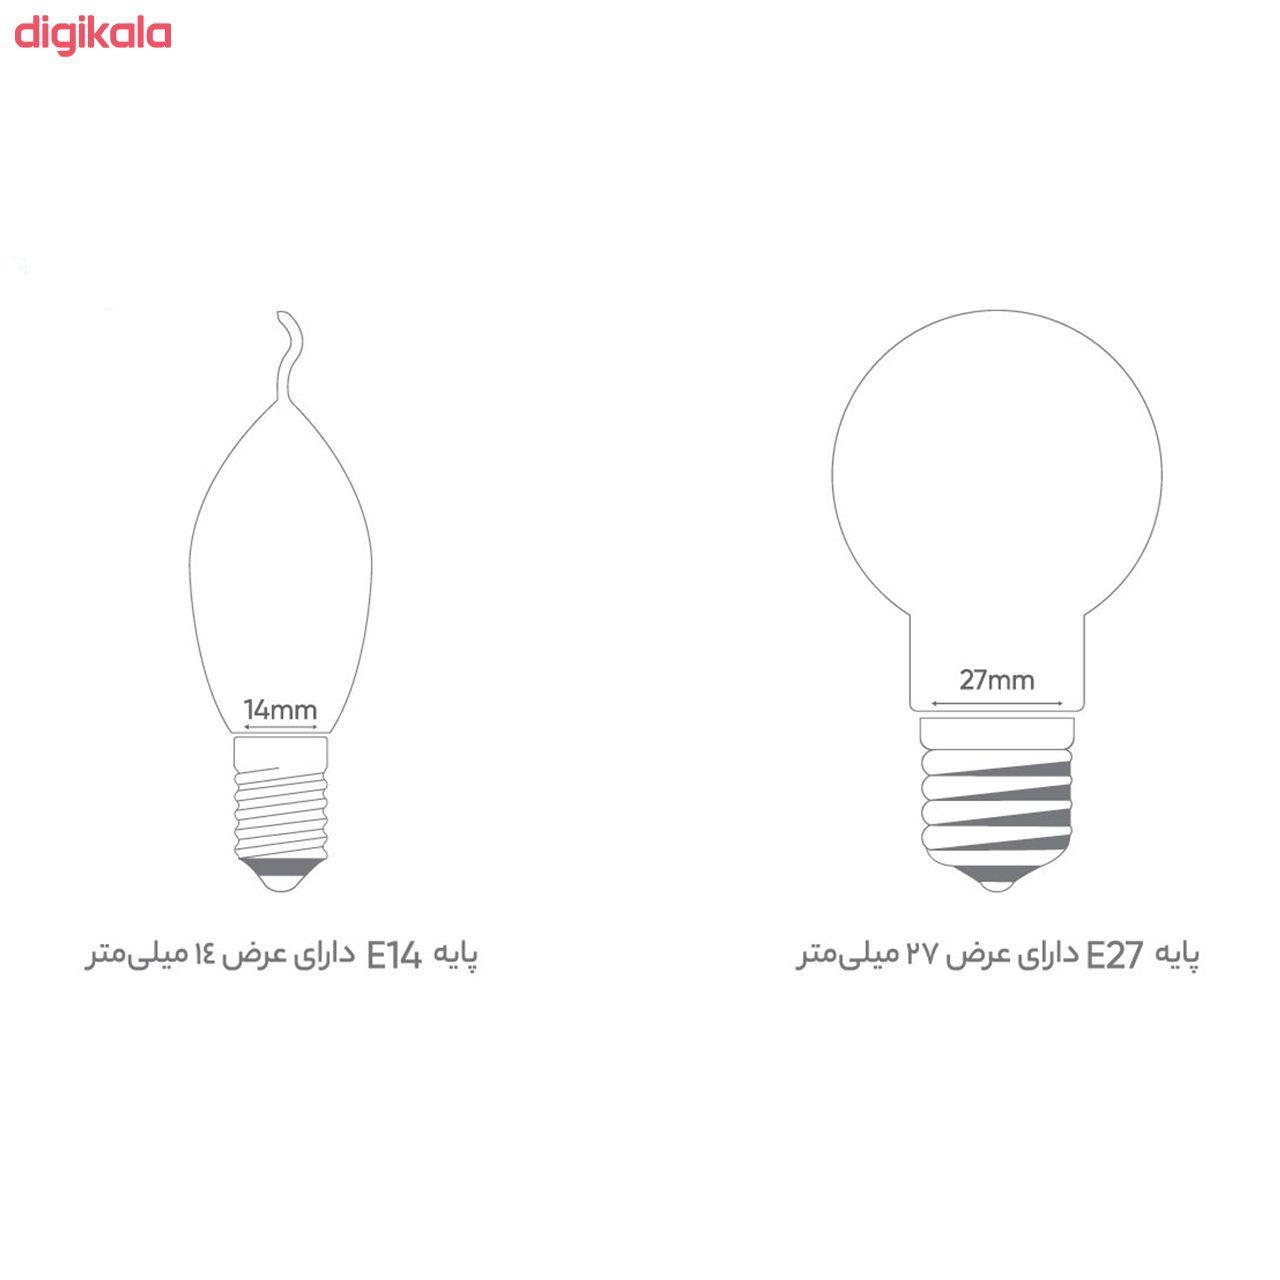 لامپ ال ای دی 7 وات کملیون مدل STQ1 پایه E27 بسته 5 عددی main 1 5